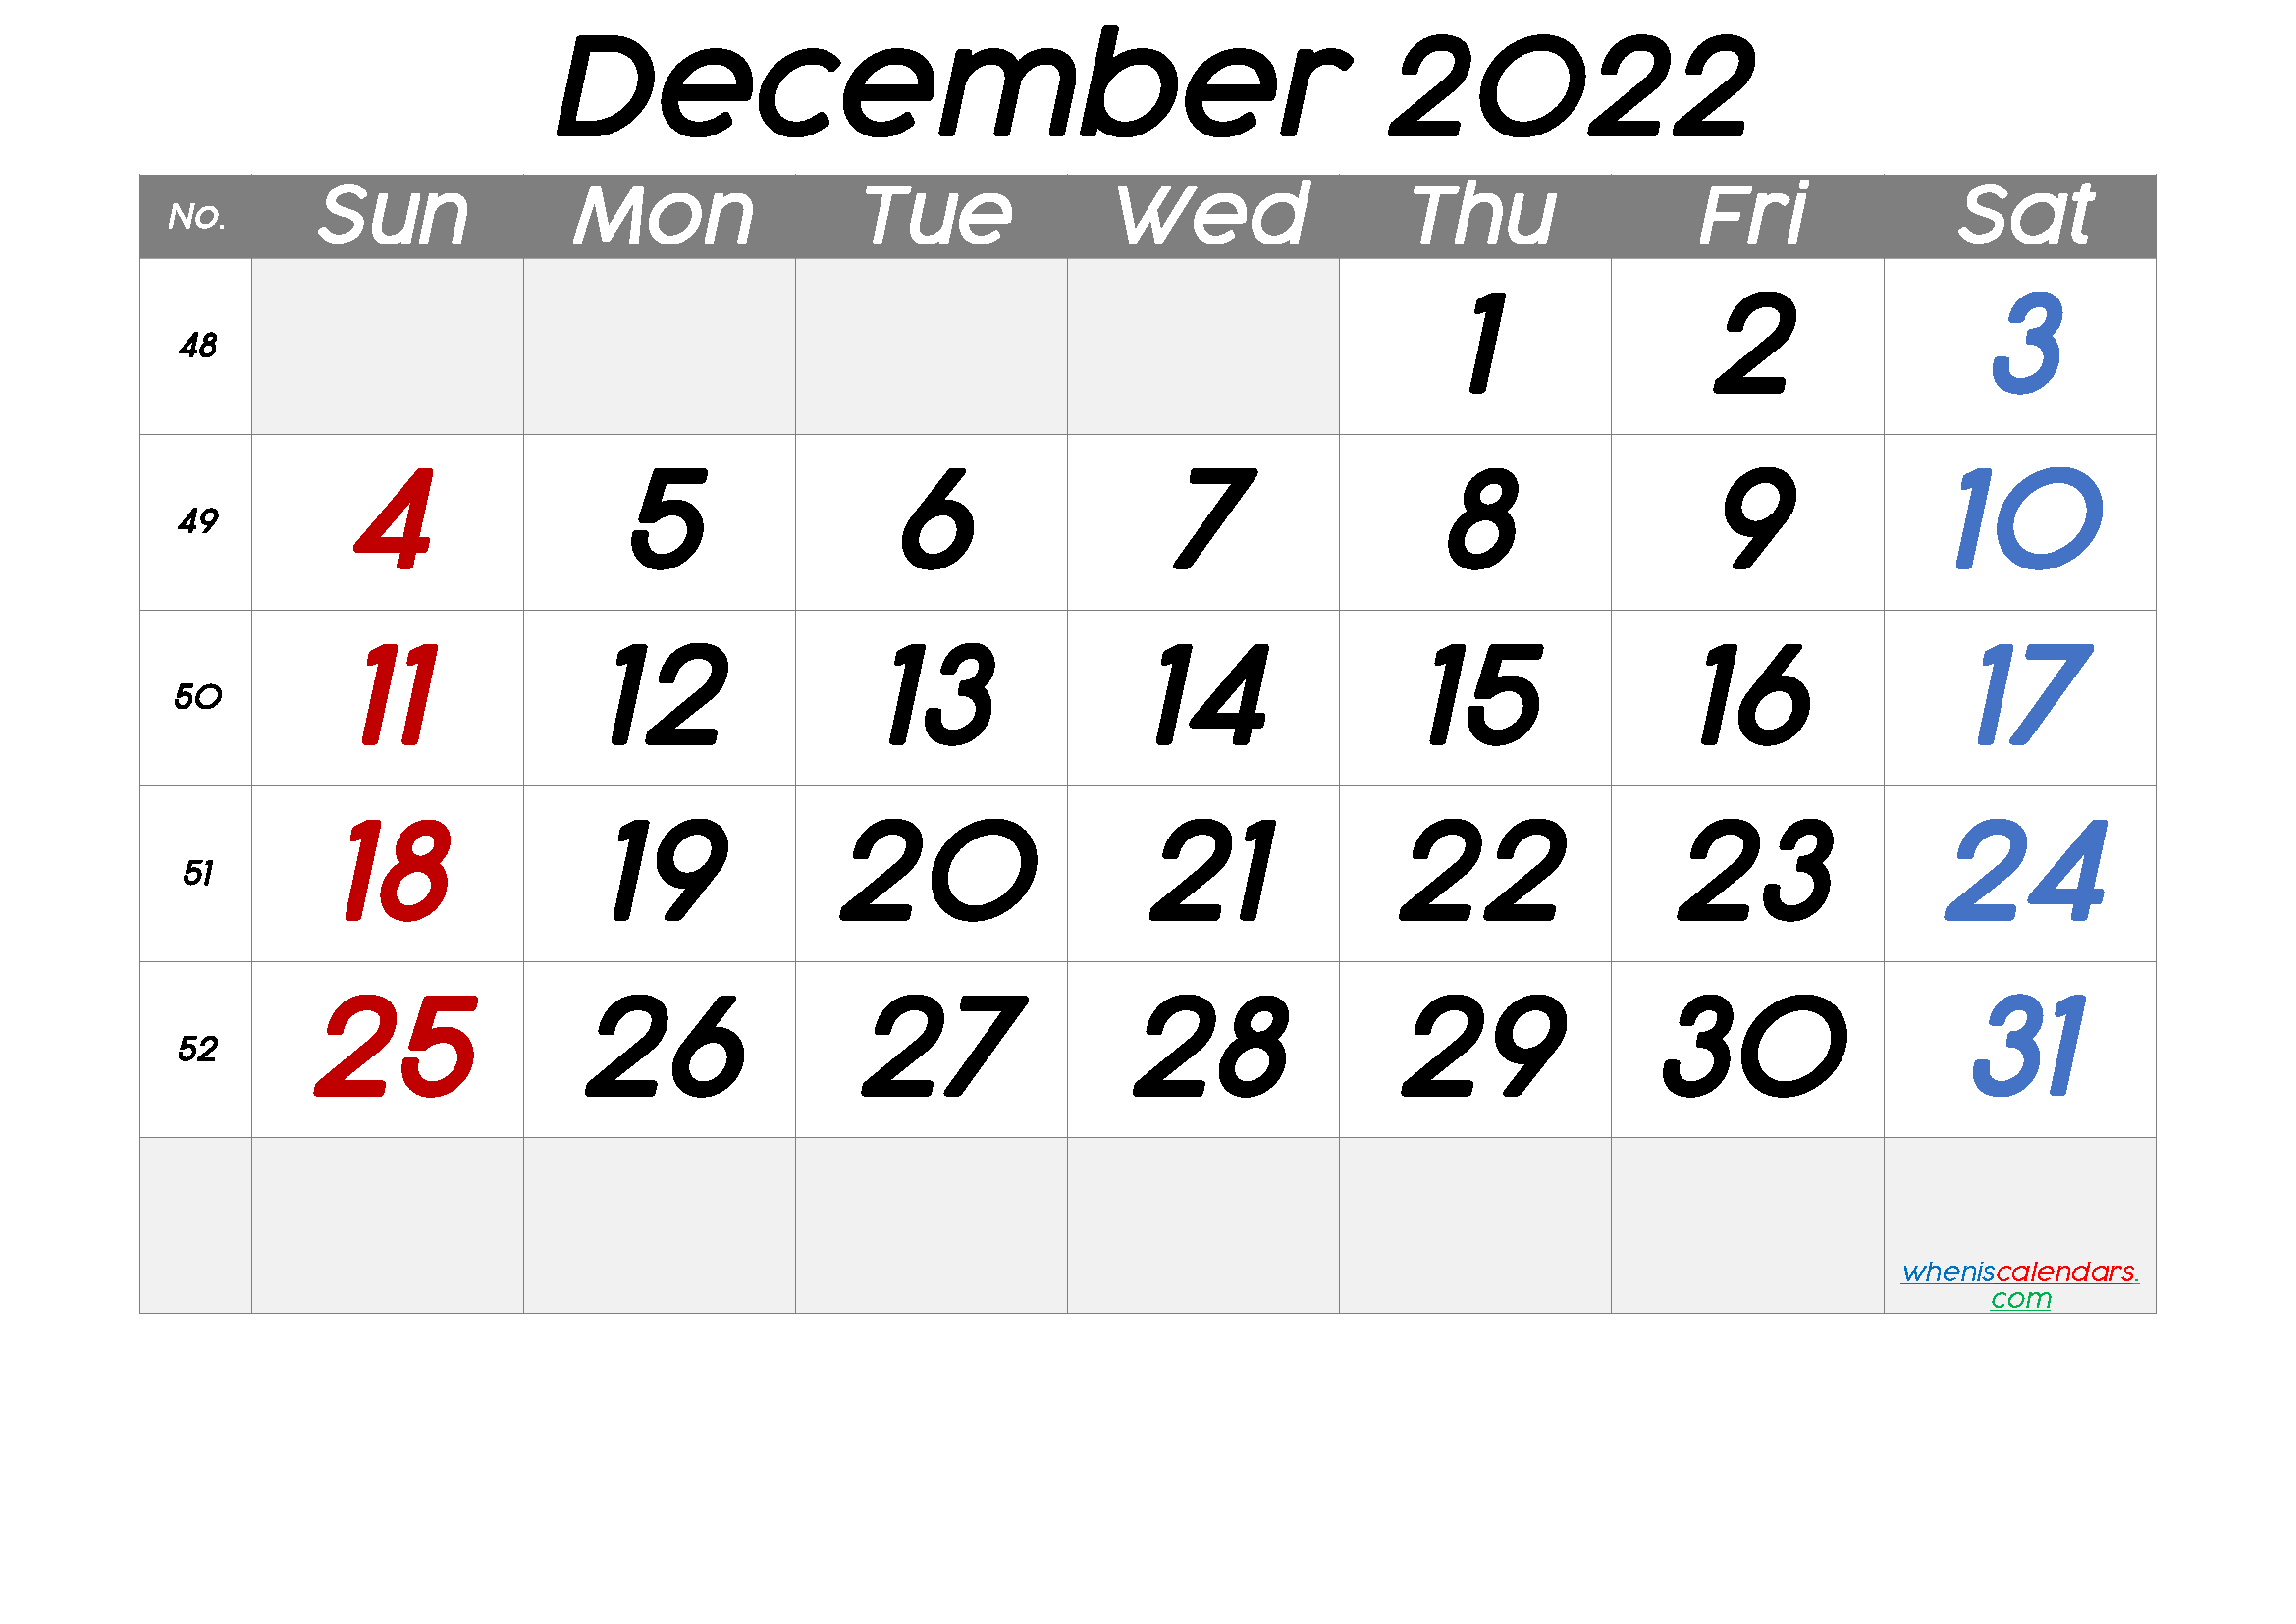 Free Printable December 2022 Calendar with Week Numbers